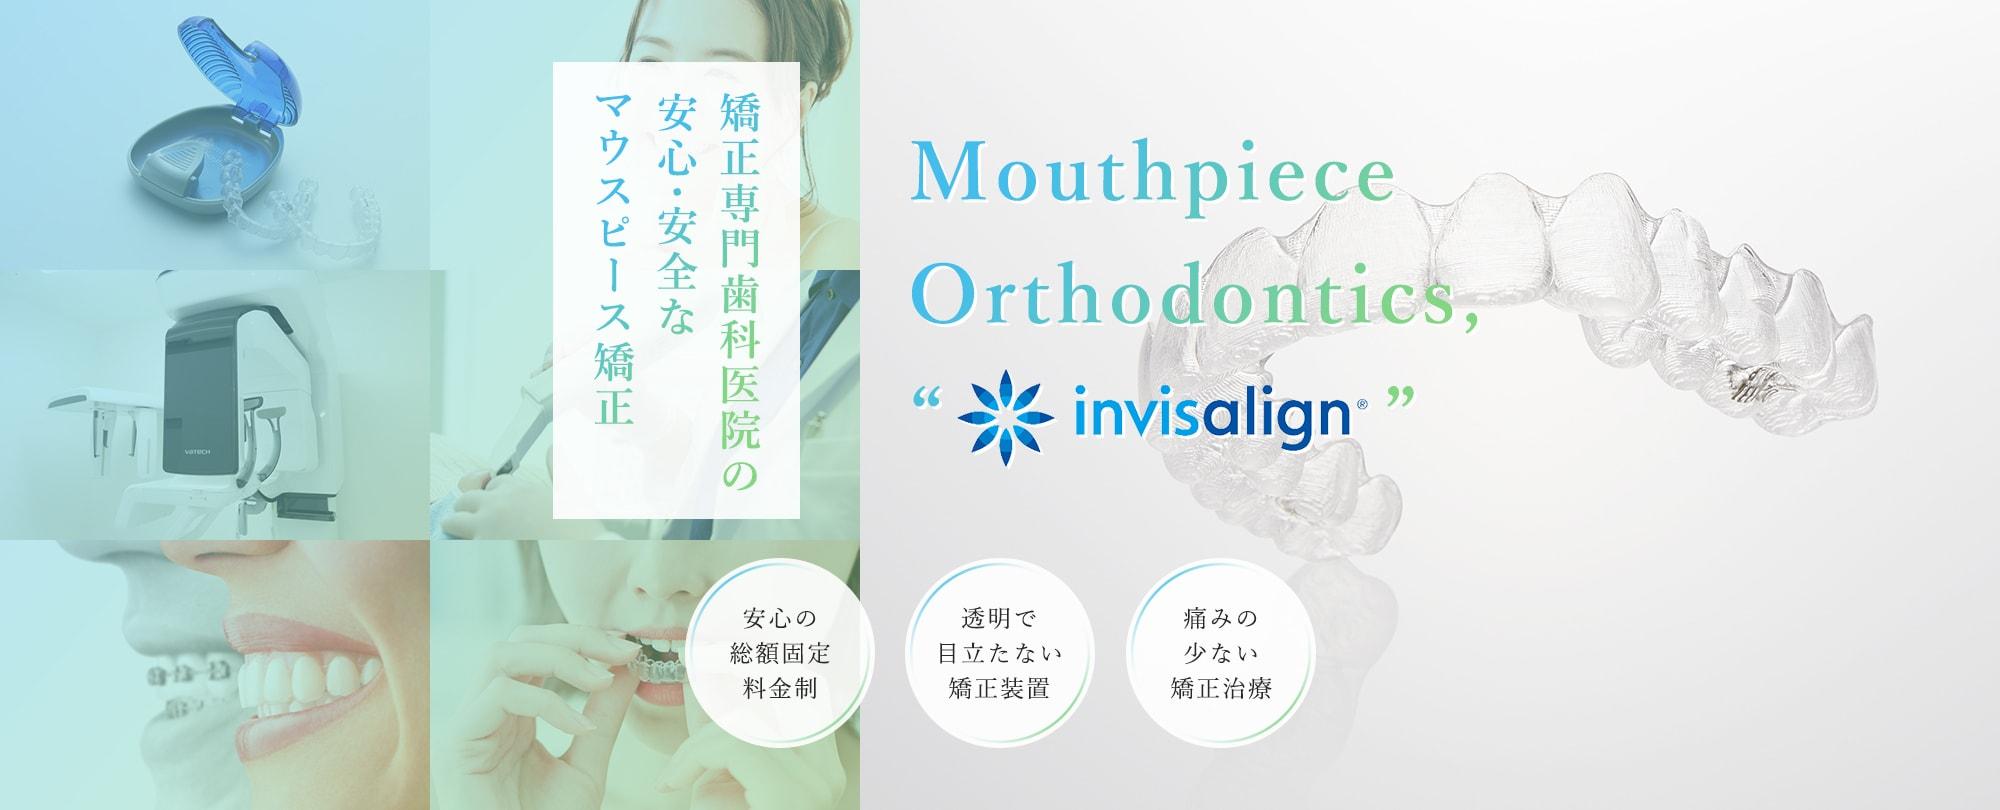 矯正専門歯科医院の安心・安全なマウスピース矯正